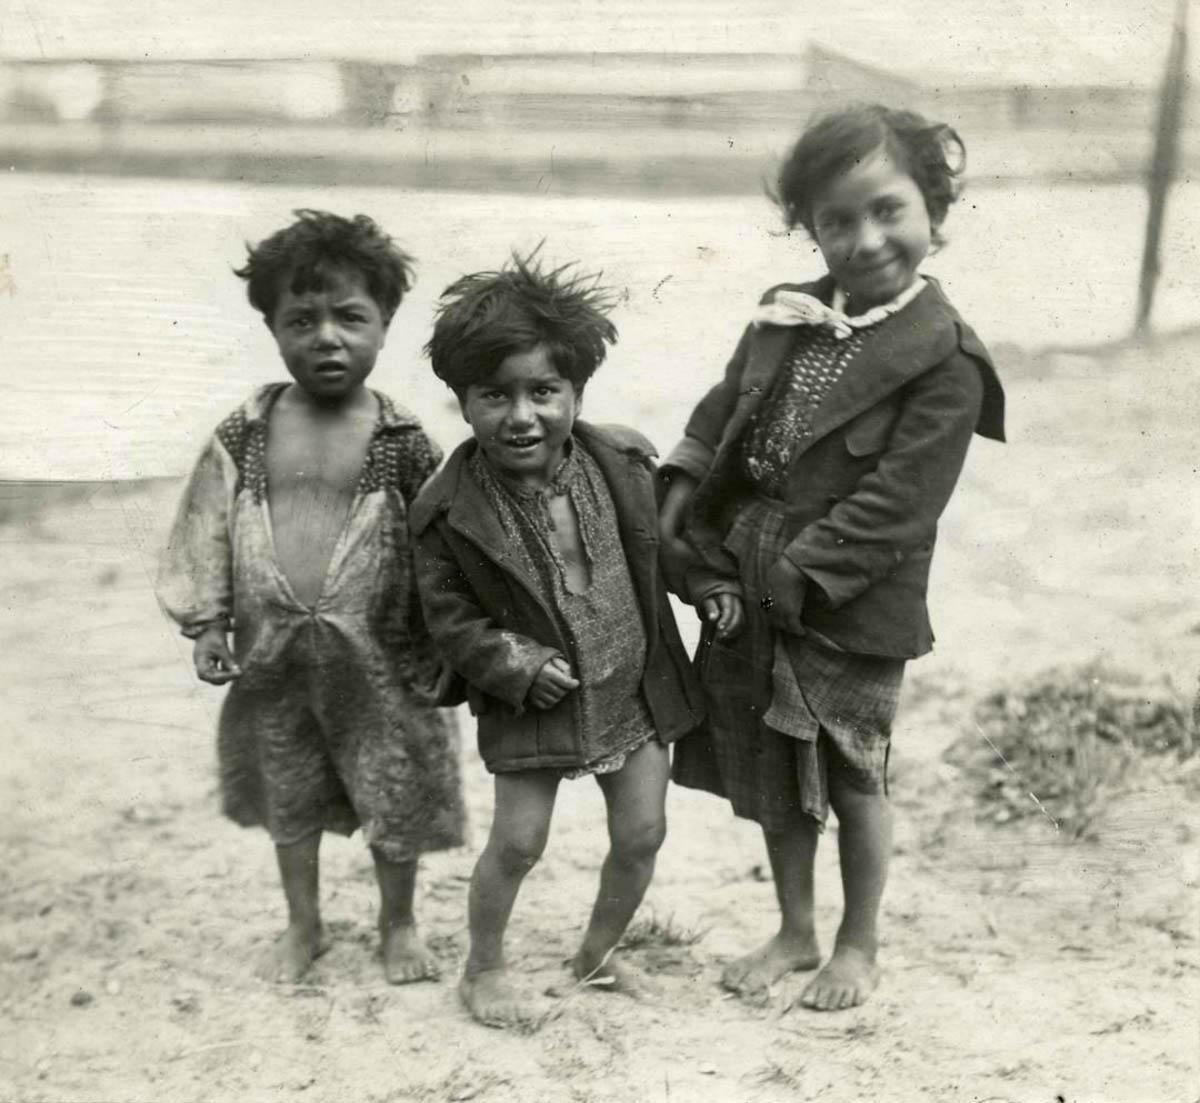 A vida dos ciganos na Europa antes da Segunda Guerra Mundial 45